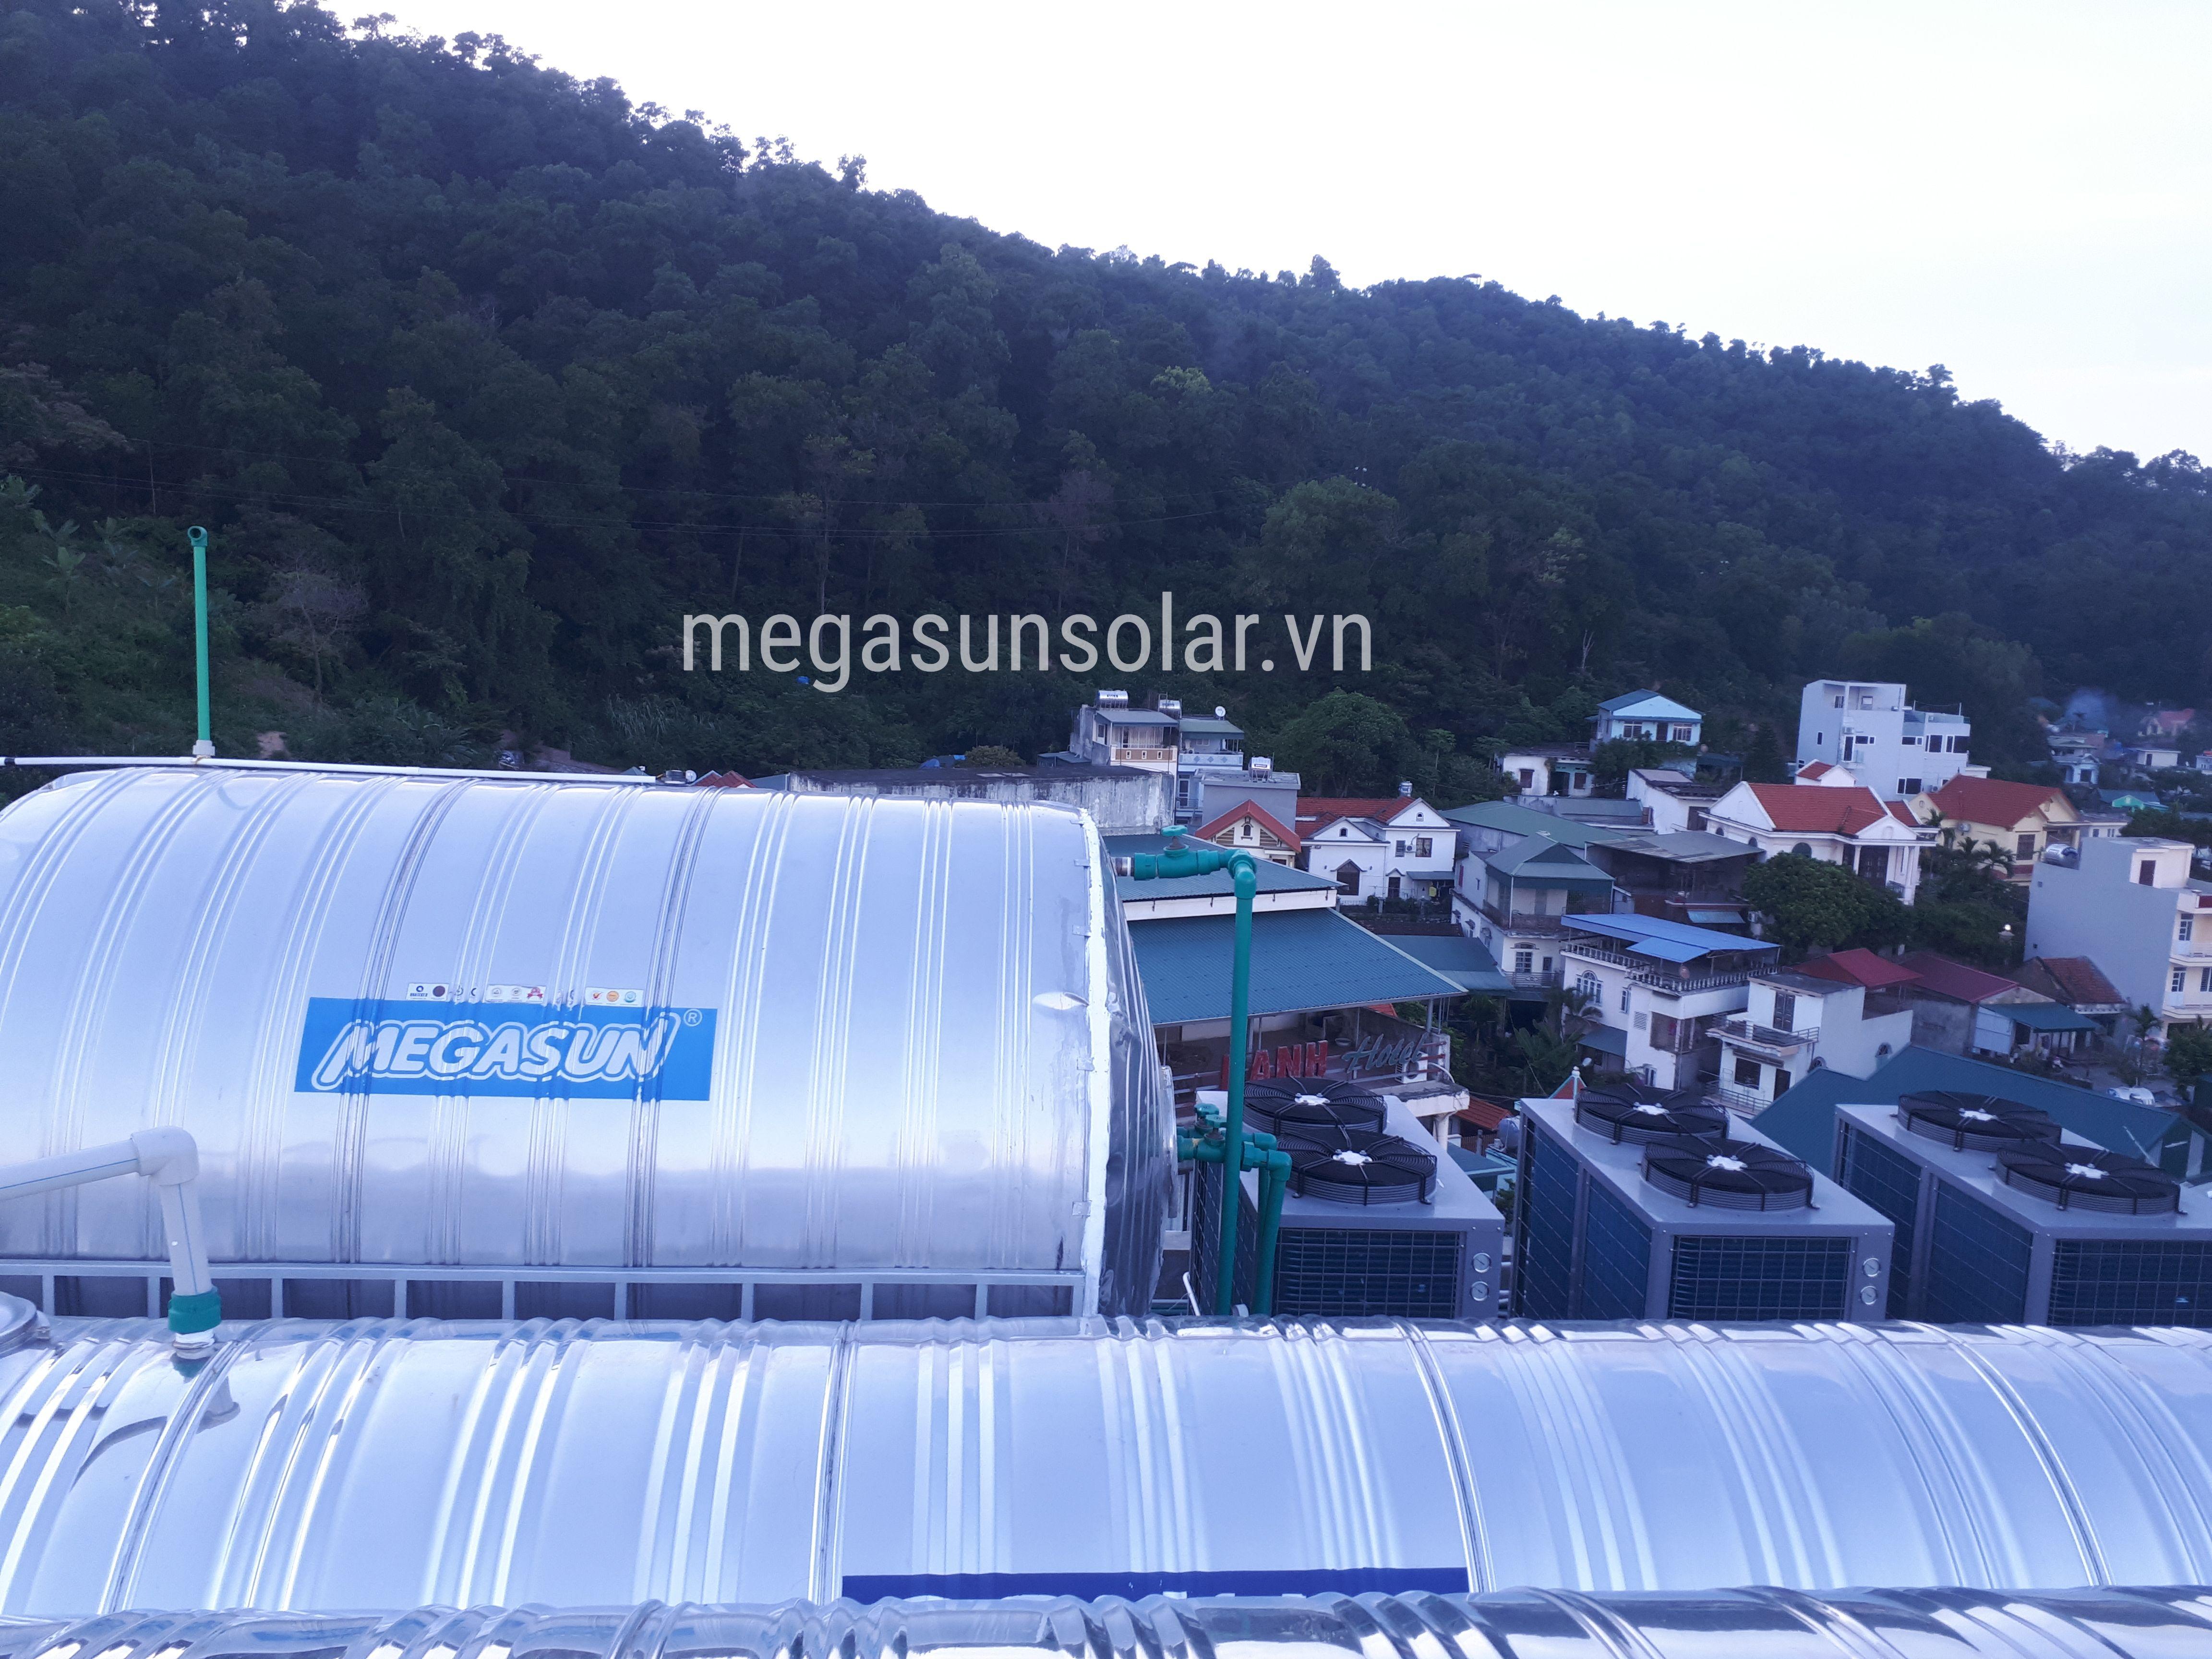 dư án bơm nhiệt công nghiệp Megasun